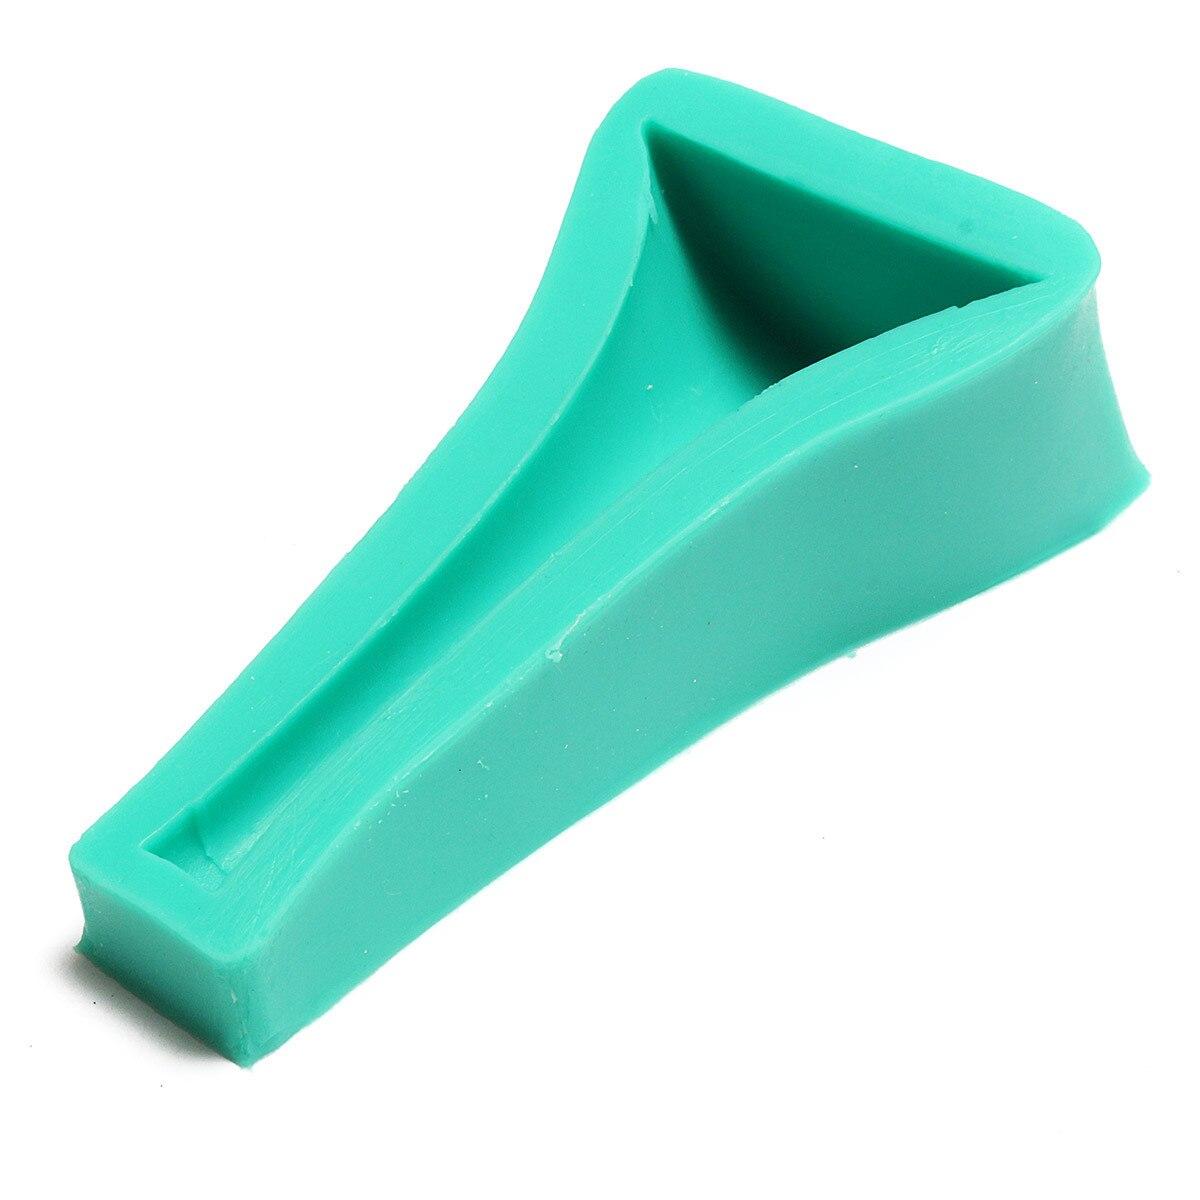 Tacón Molde De Silicona Kit Pastel Zapatos Alto Fondant tsrhQdC